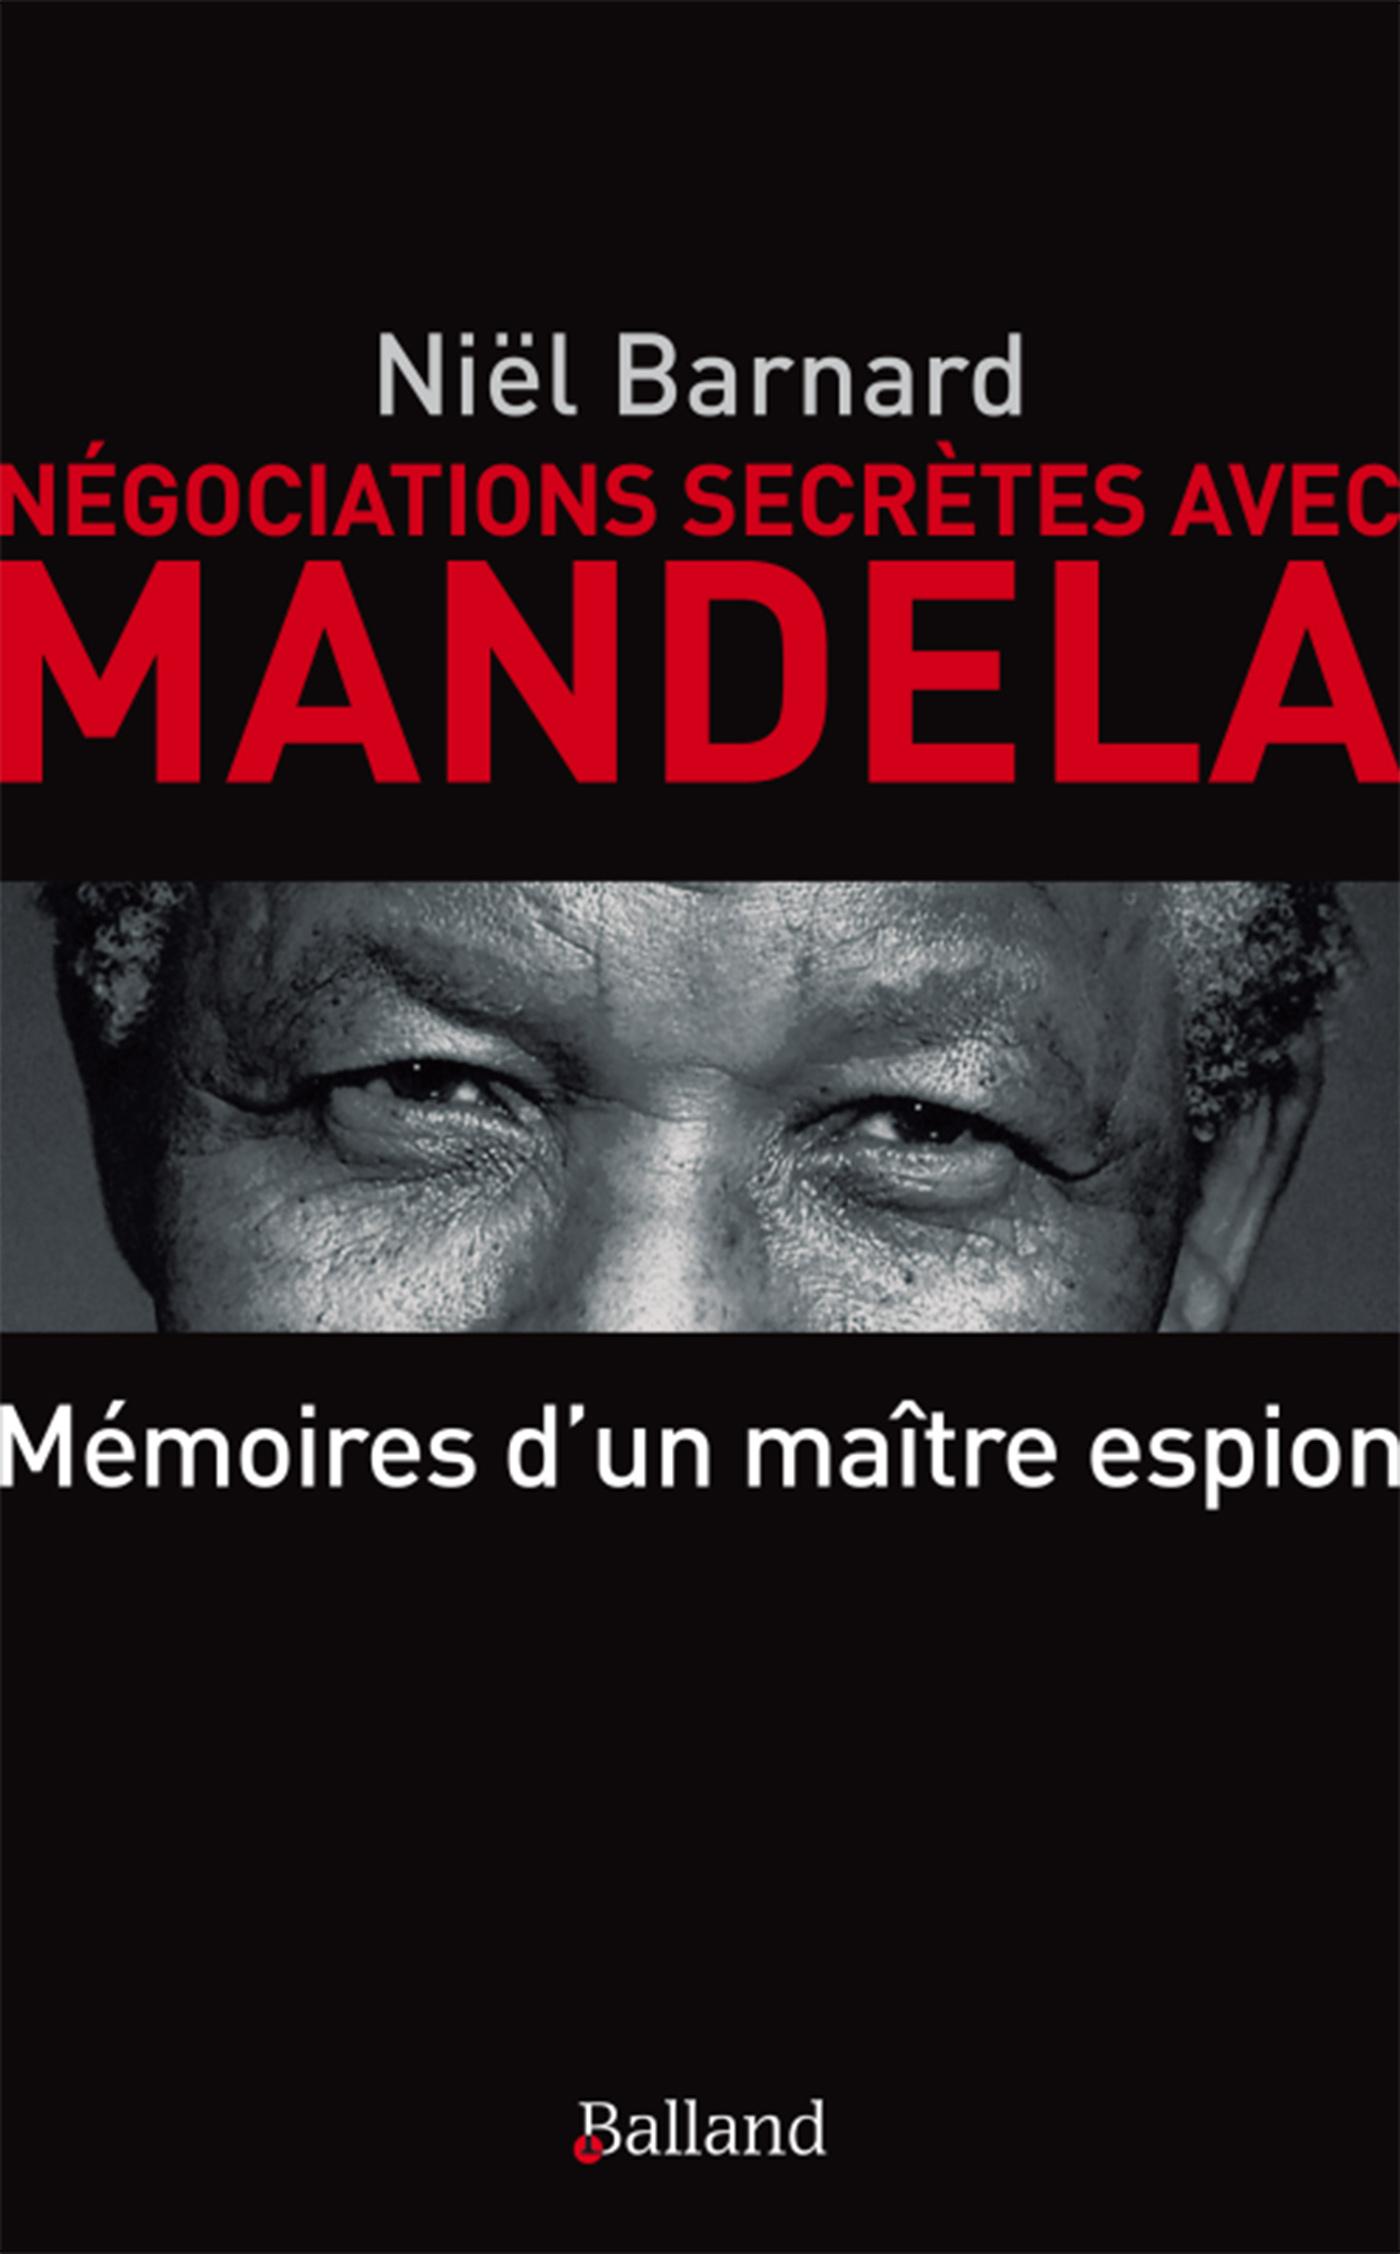 NEGOCIATION SECRETES AVEC  MANDELA MEMOIRES D UN PATRON DE L ESPIONNAGE